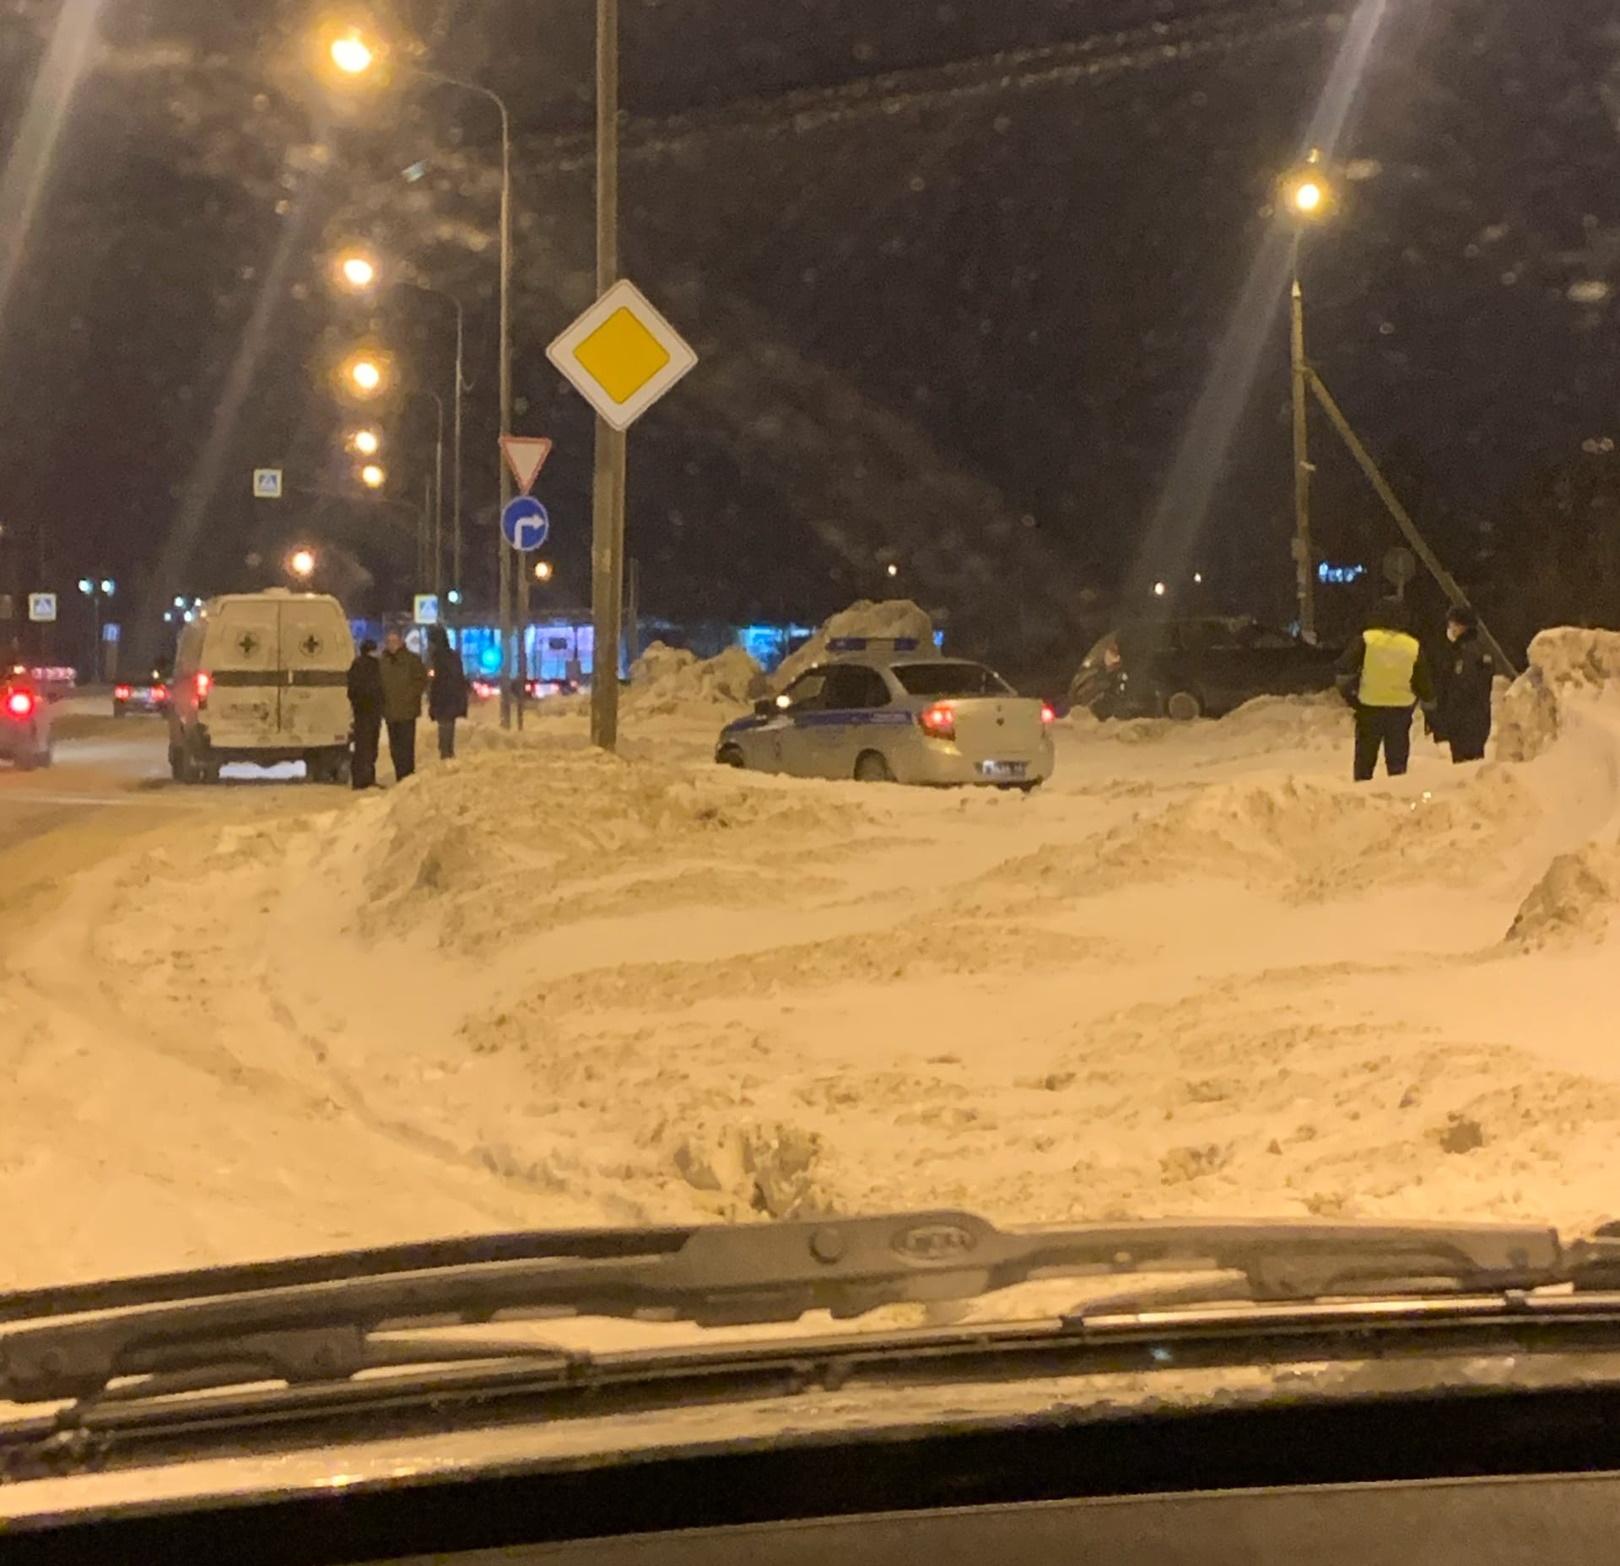 В Тольятти автомобиль съехал в сугроб. Водитель погиб